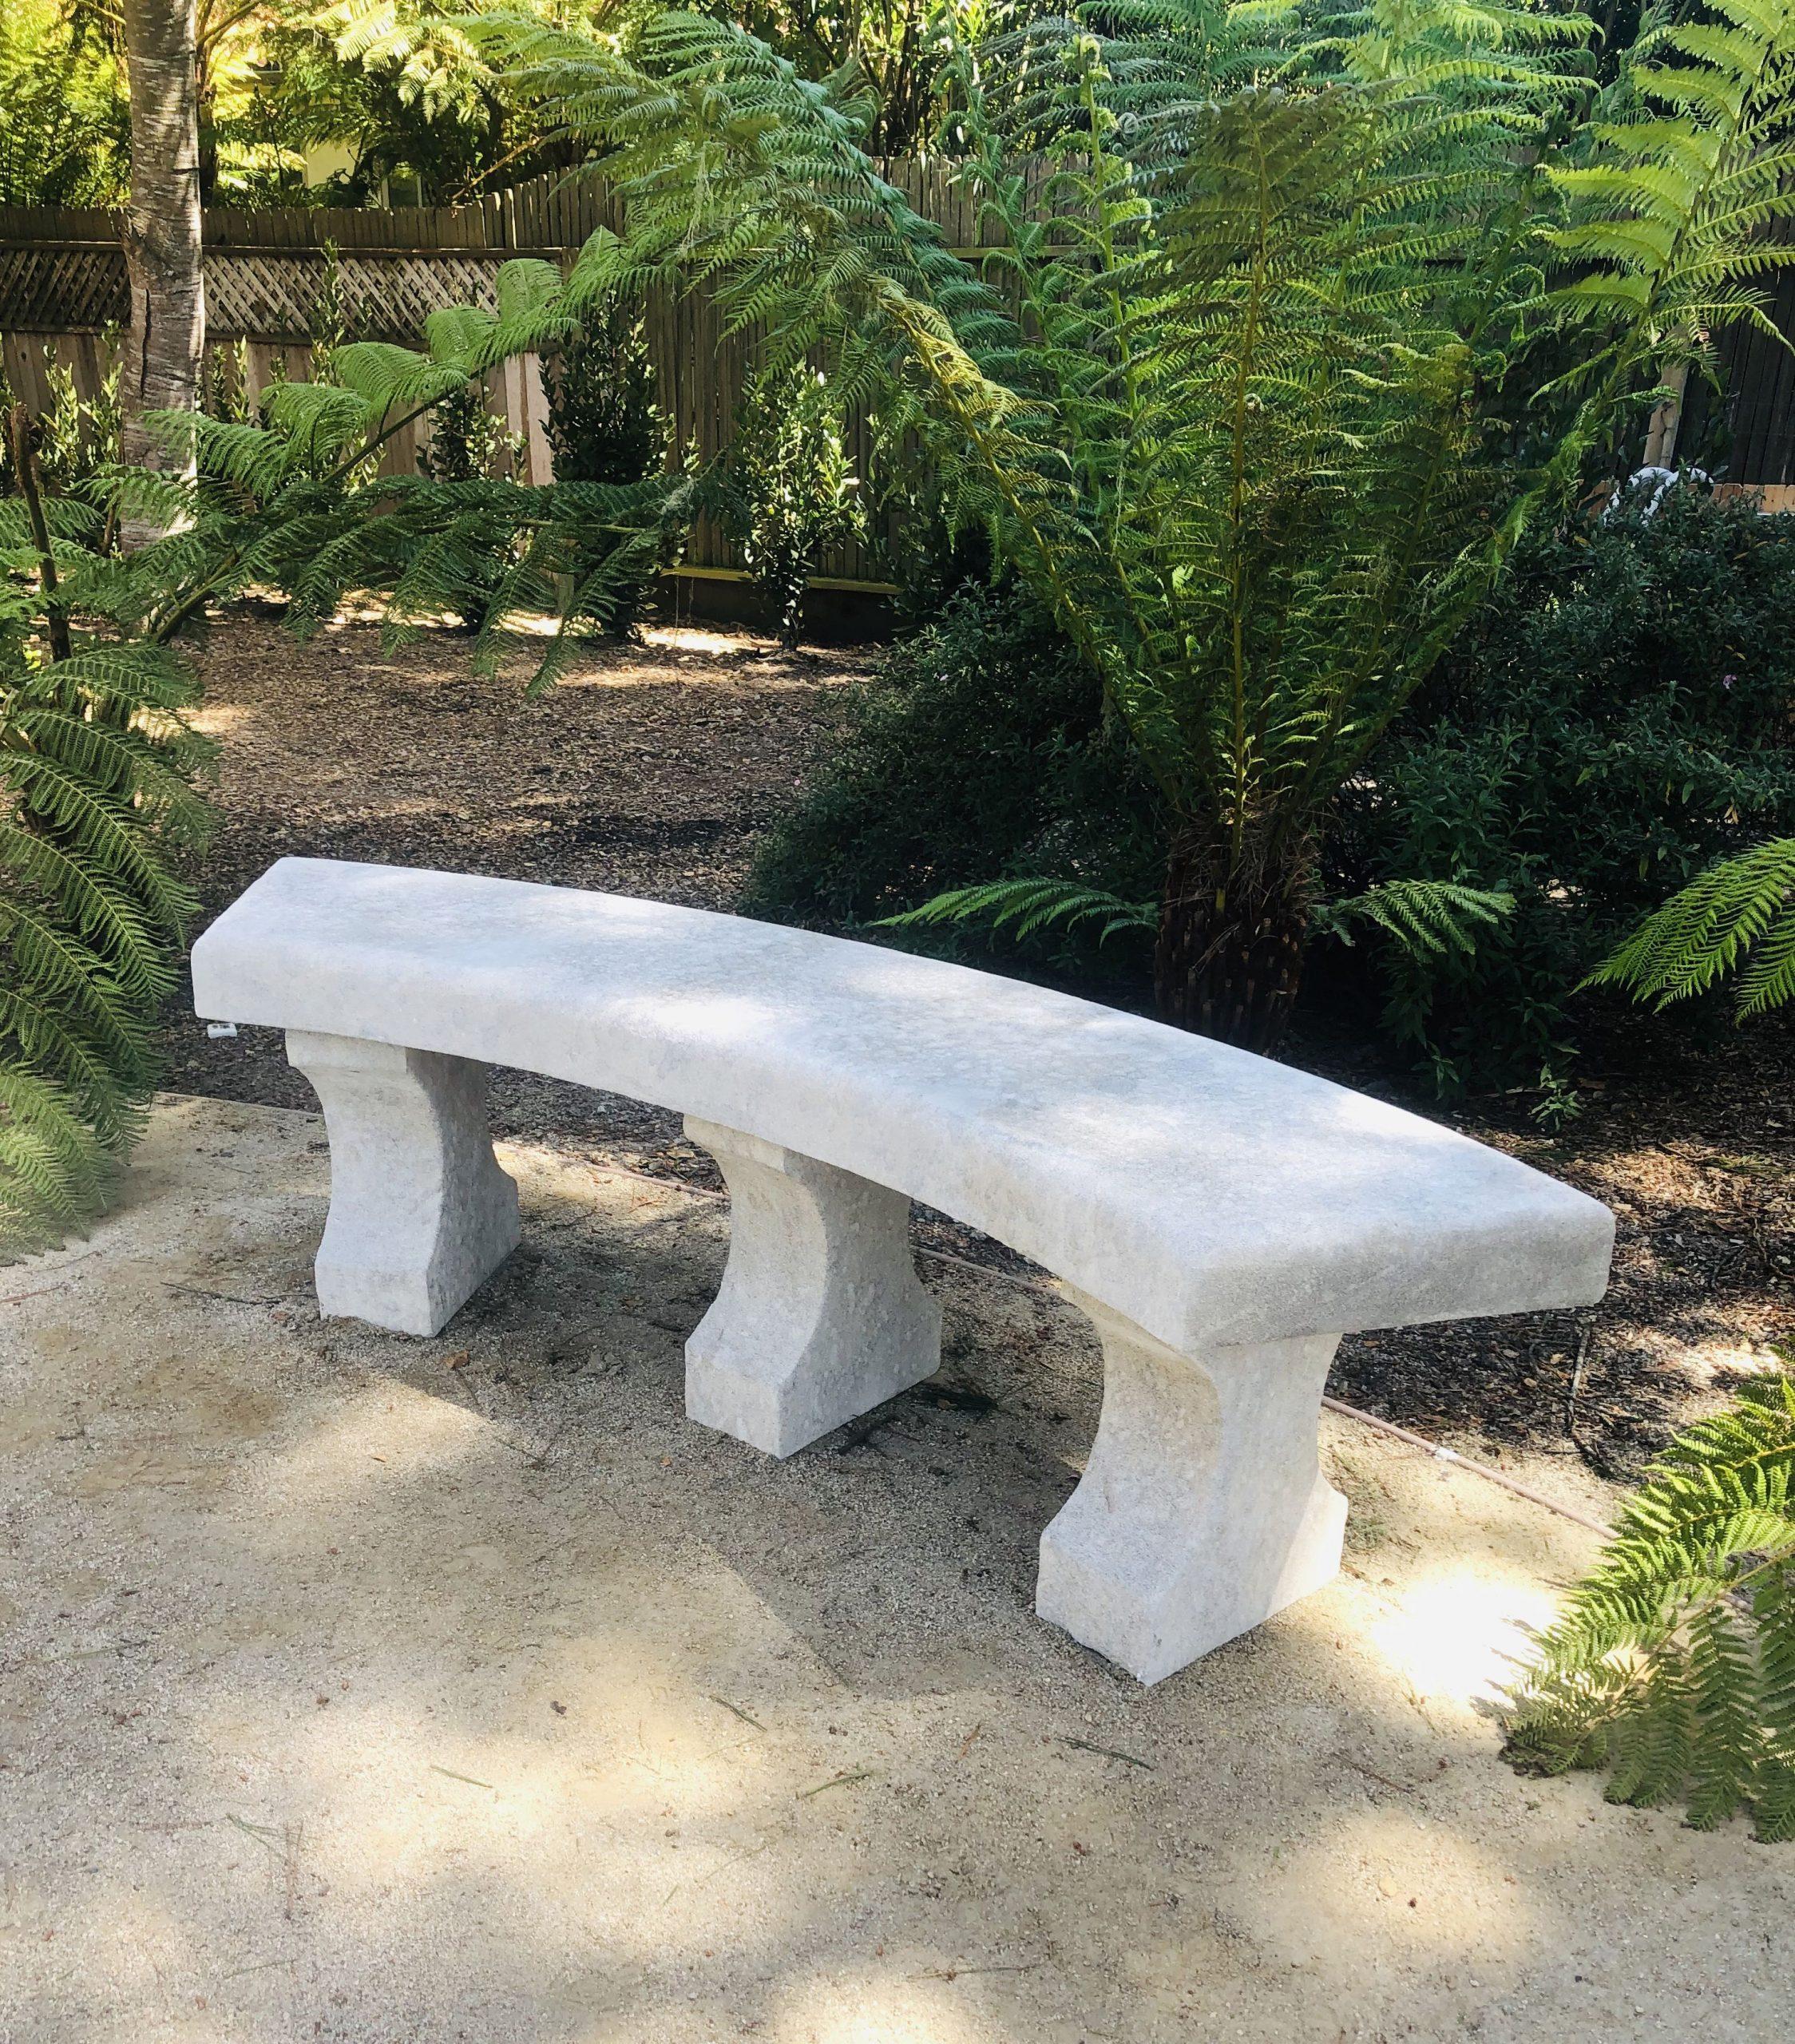 Ce Grand Banc De Jardin Mesure Présente Une Épaisse Assise ... dedans Banc En Pierre Pour Jardin